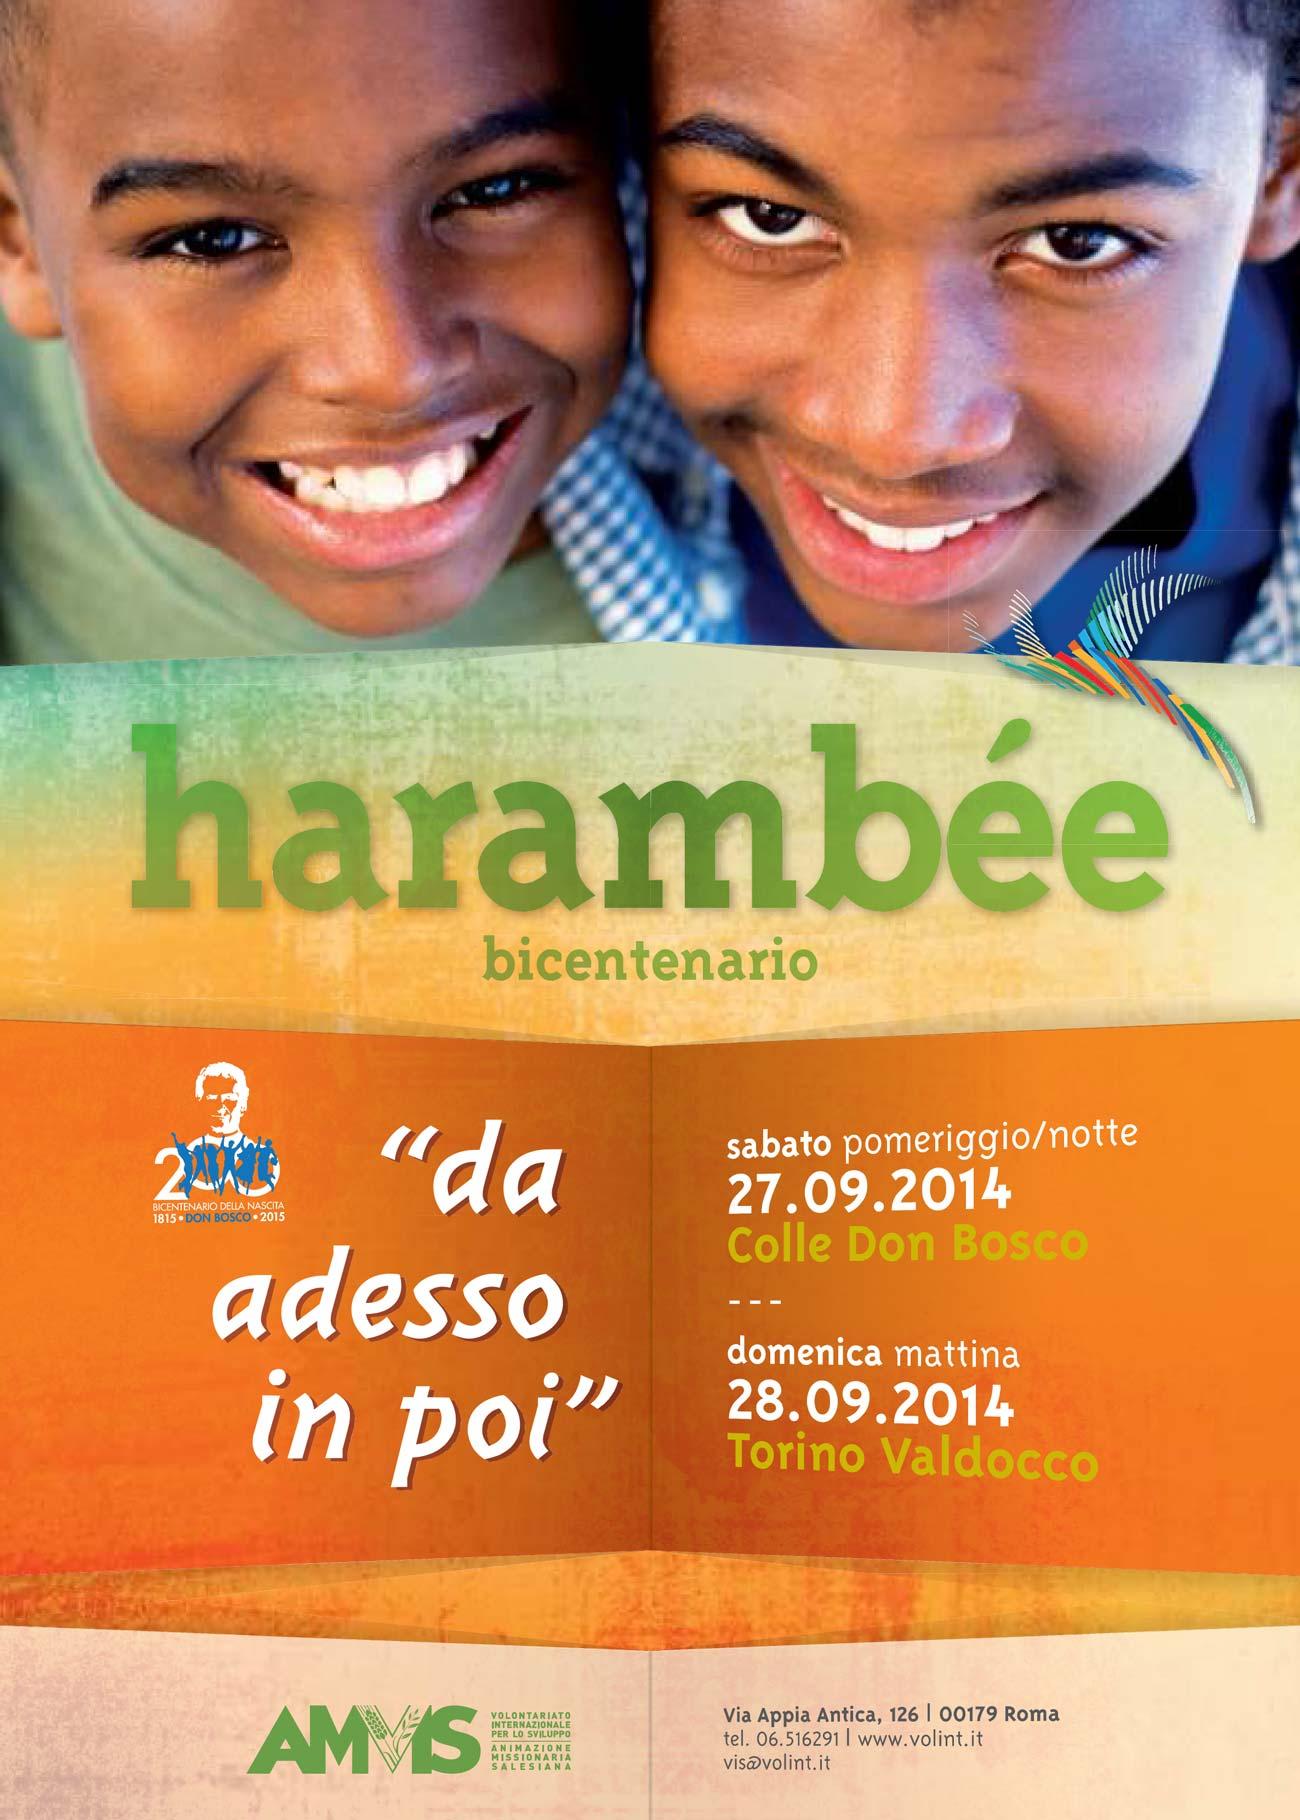 Harambe2014-web